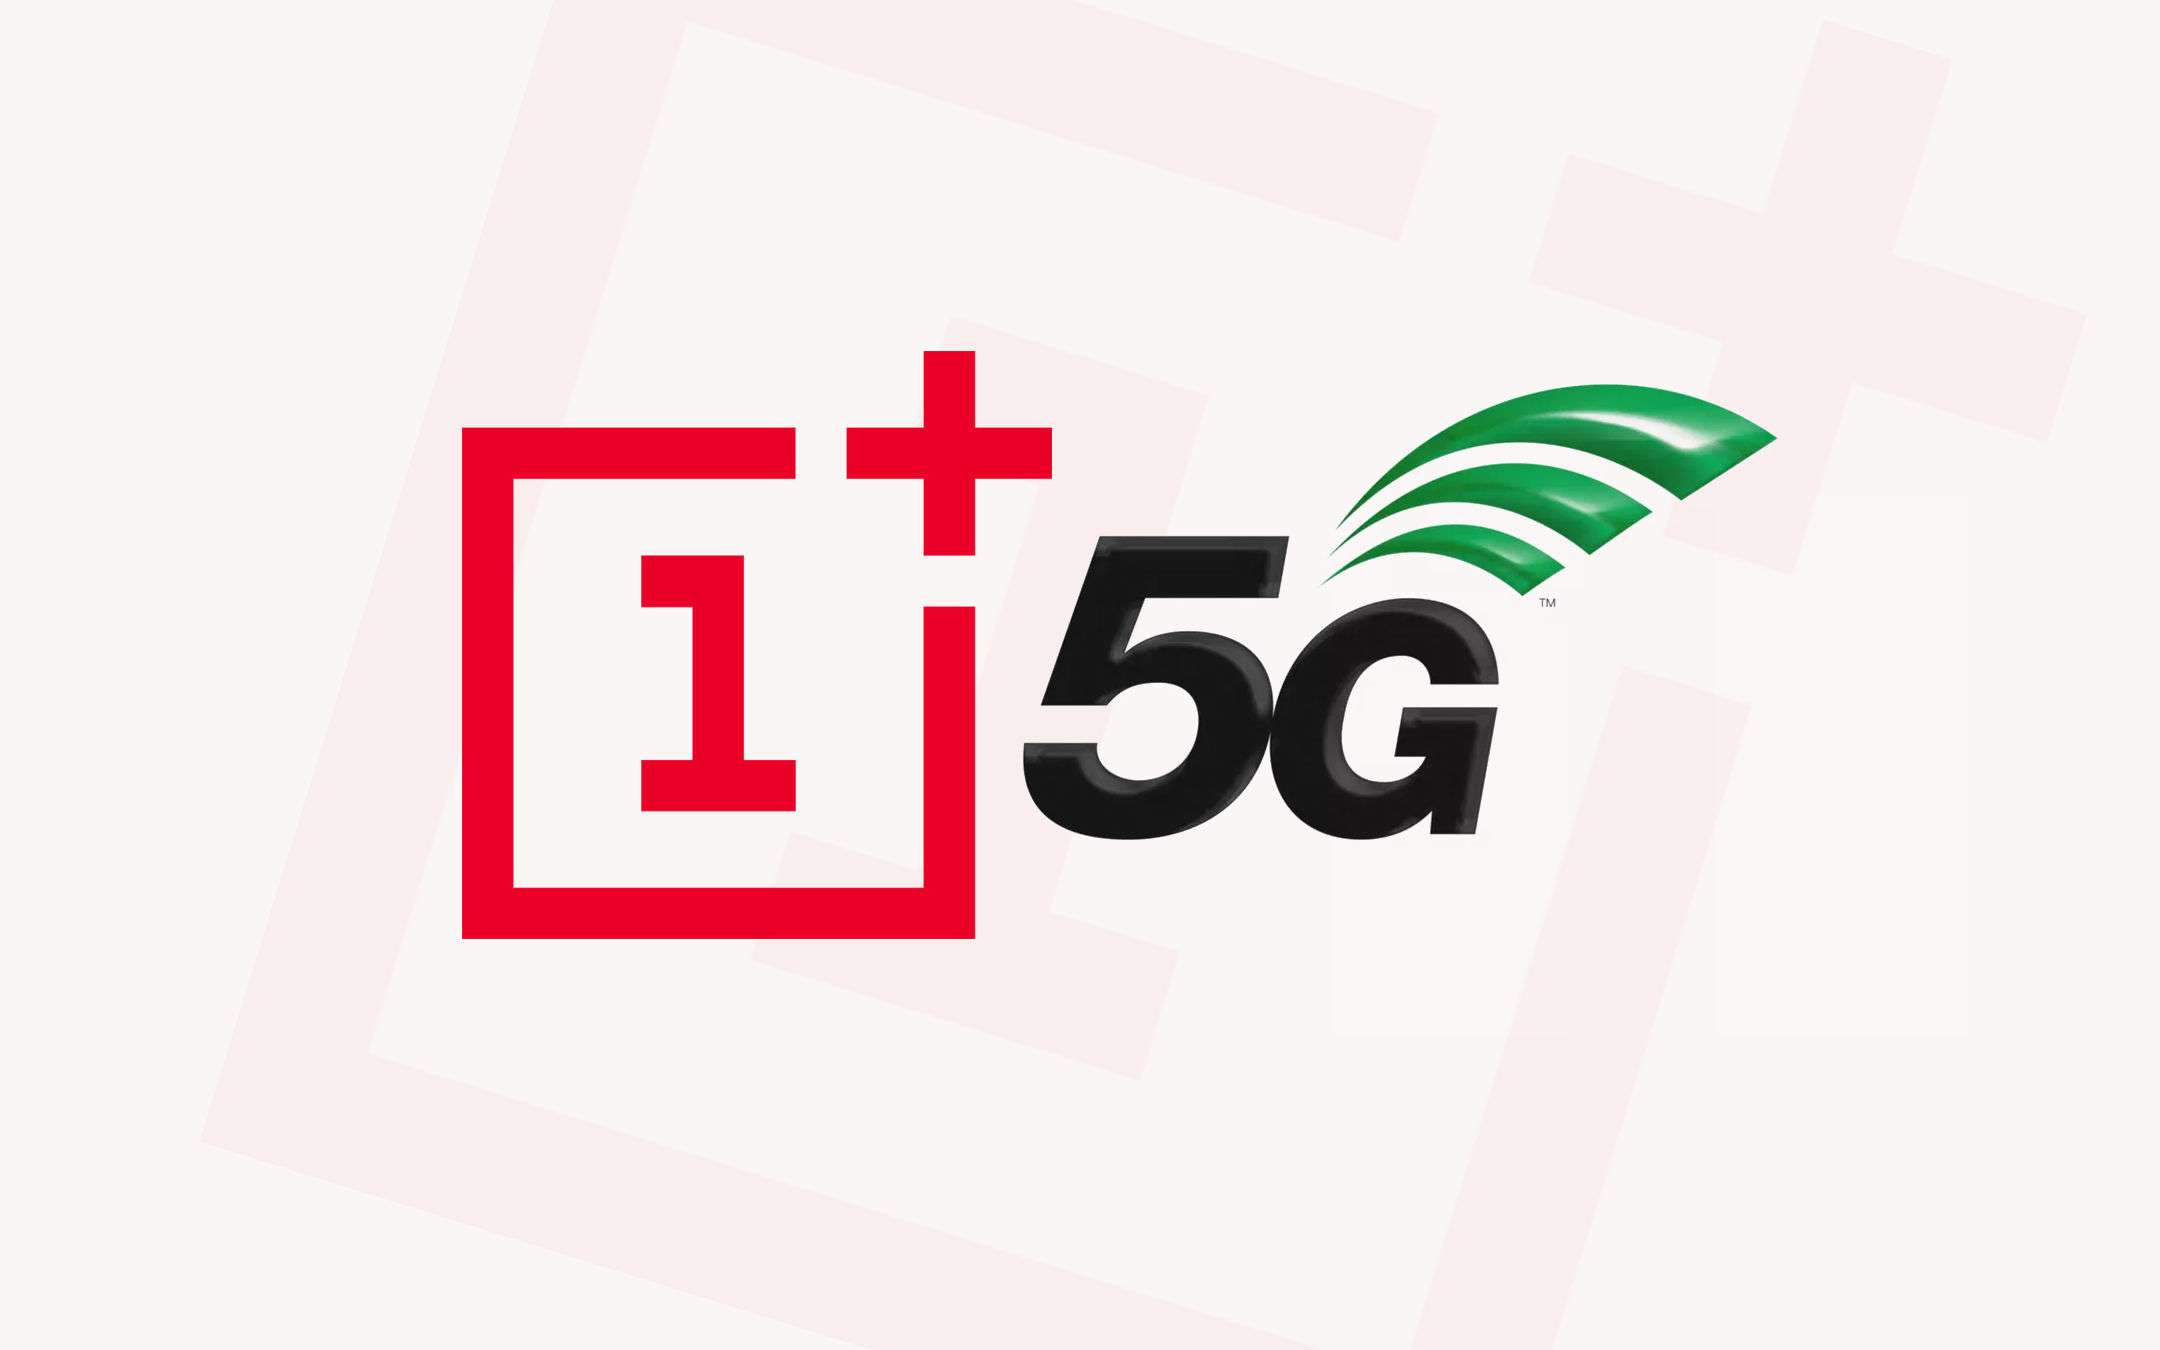 OnePlus e 5G